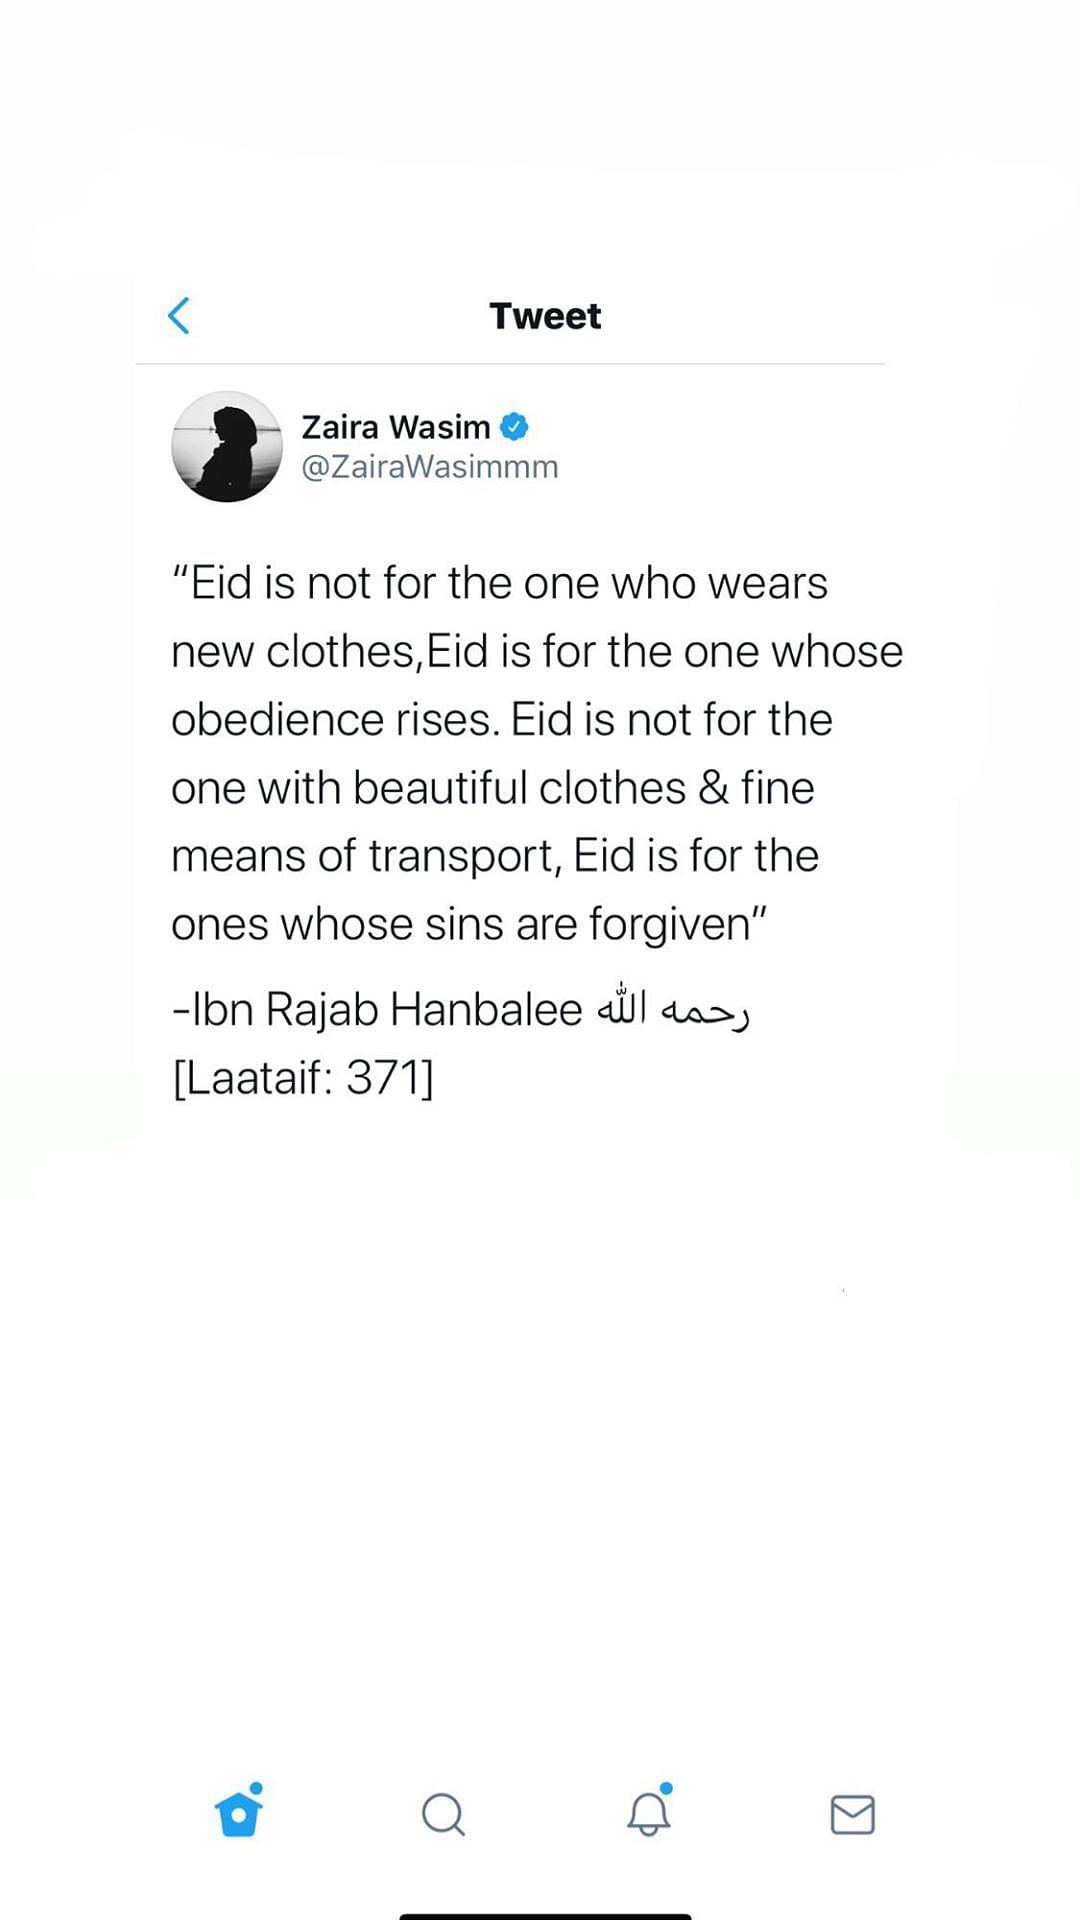 Peace & Love: Amitabh, Zaira, Shoojit Wish Fans on Eve of Eid